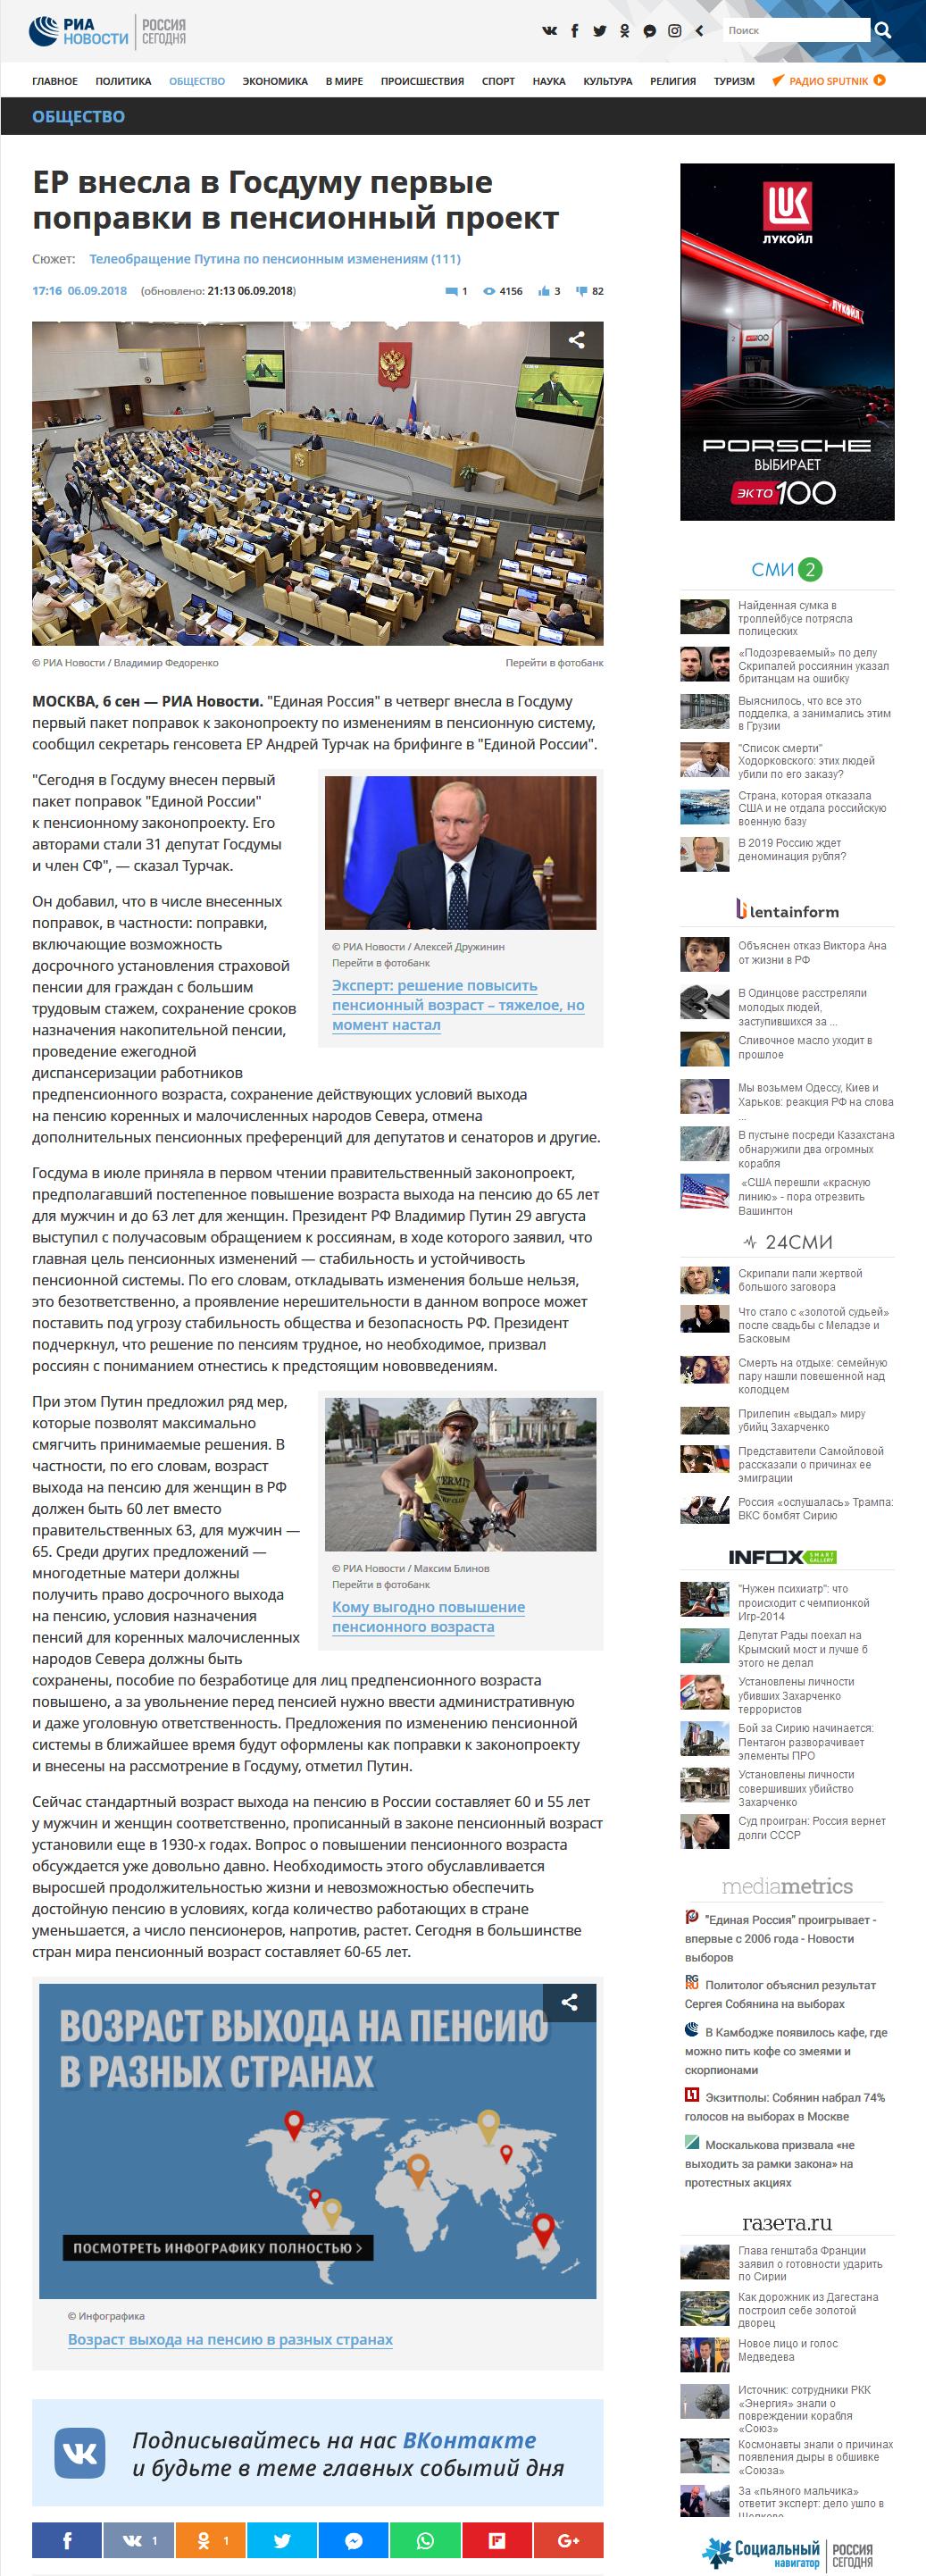 20180906_21-13-ЕР внесла в Госдуму первые поправки в пенсионный проект~scr1riaX1